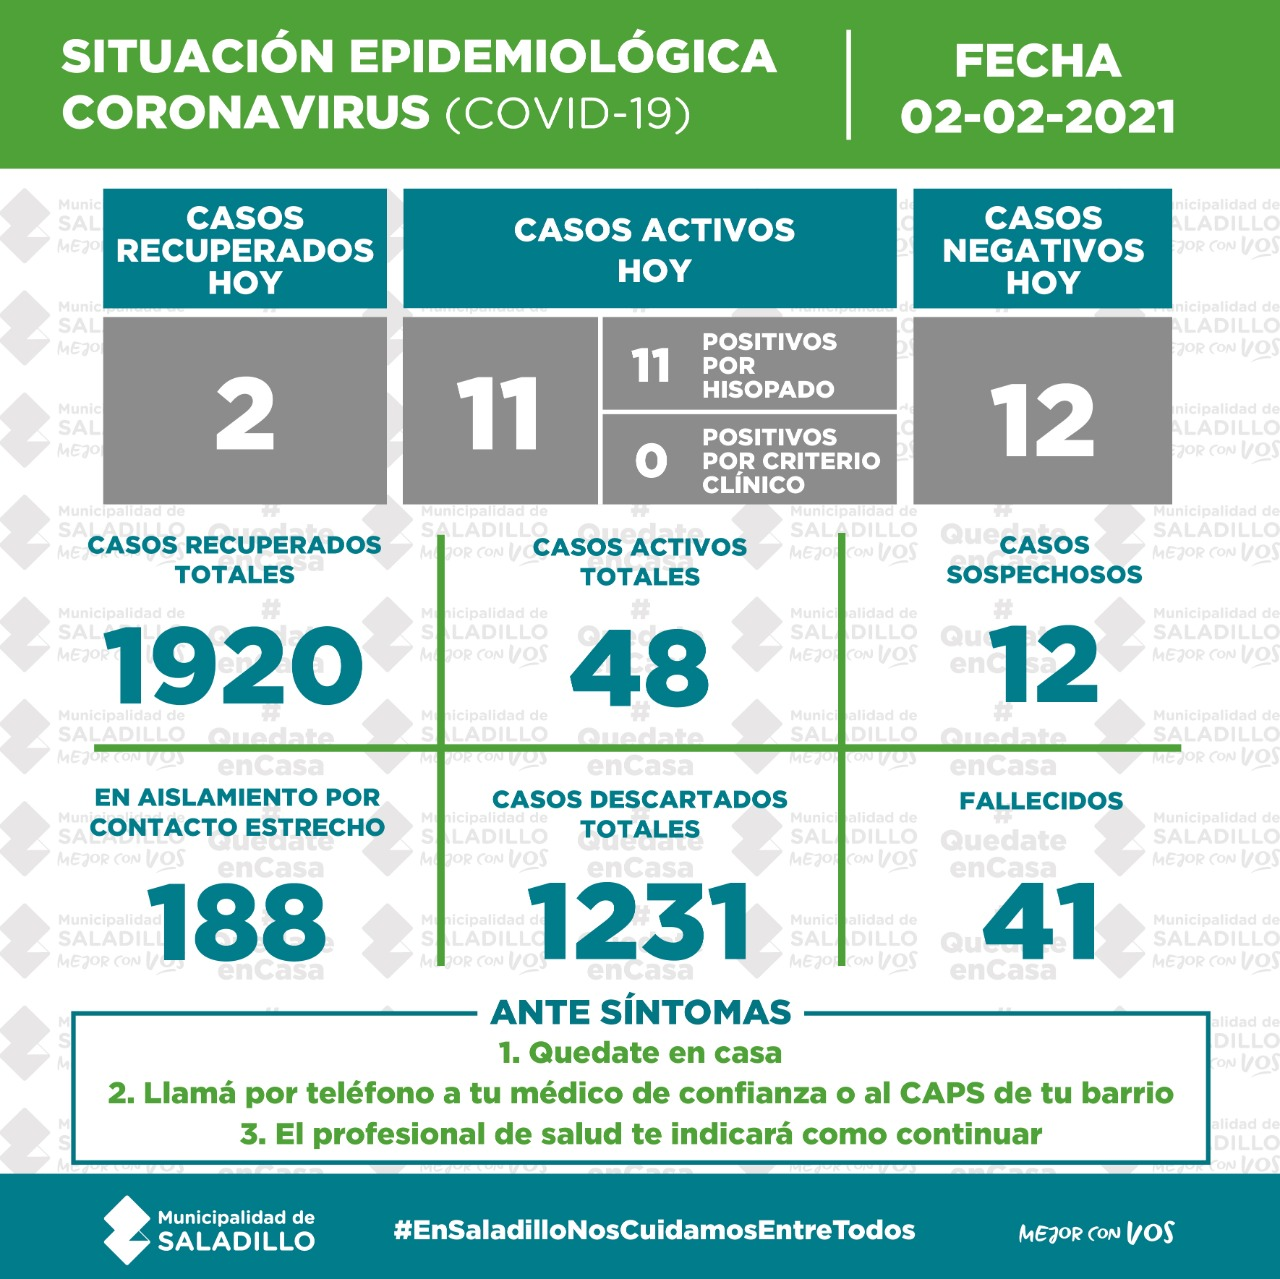 SITUACIÓN EPIDEMIOLÓGICA EN SALADILLO AL 02/02/2021